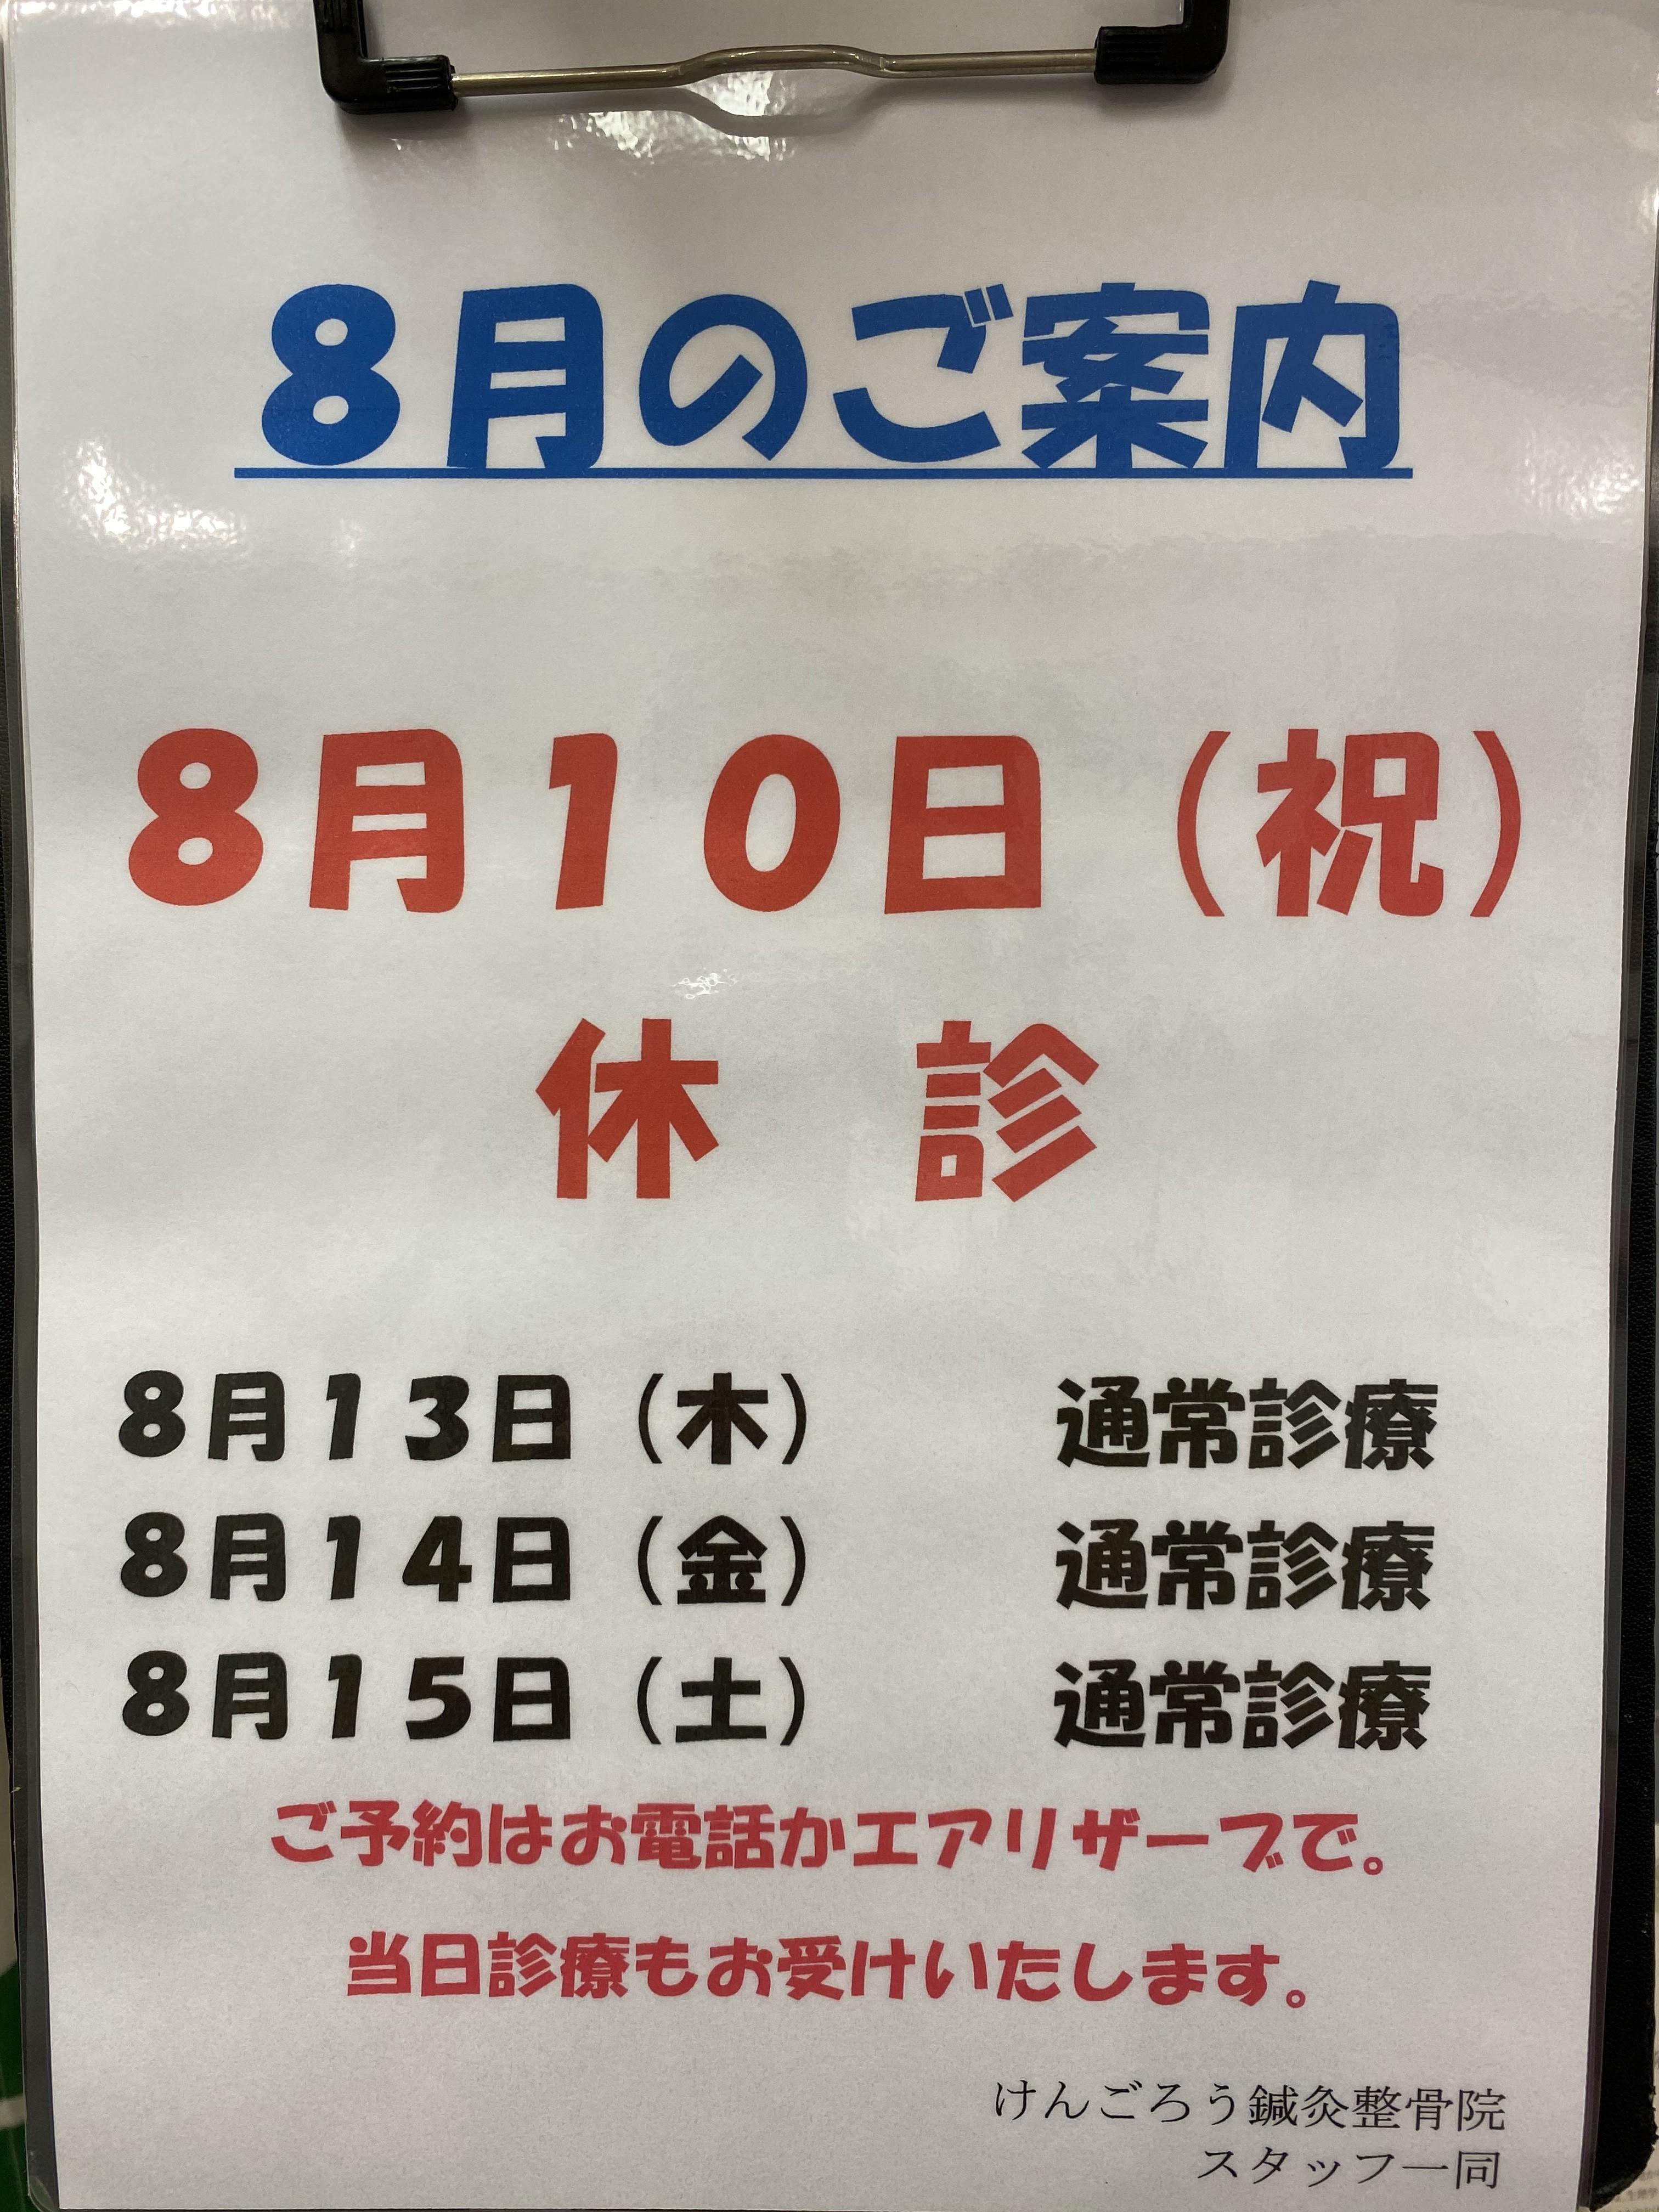 8月の休診日【骨盤矯正/大船】